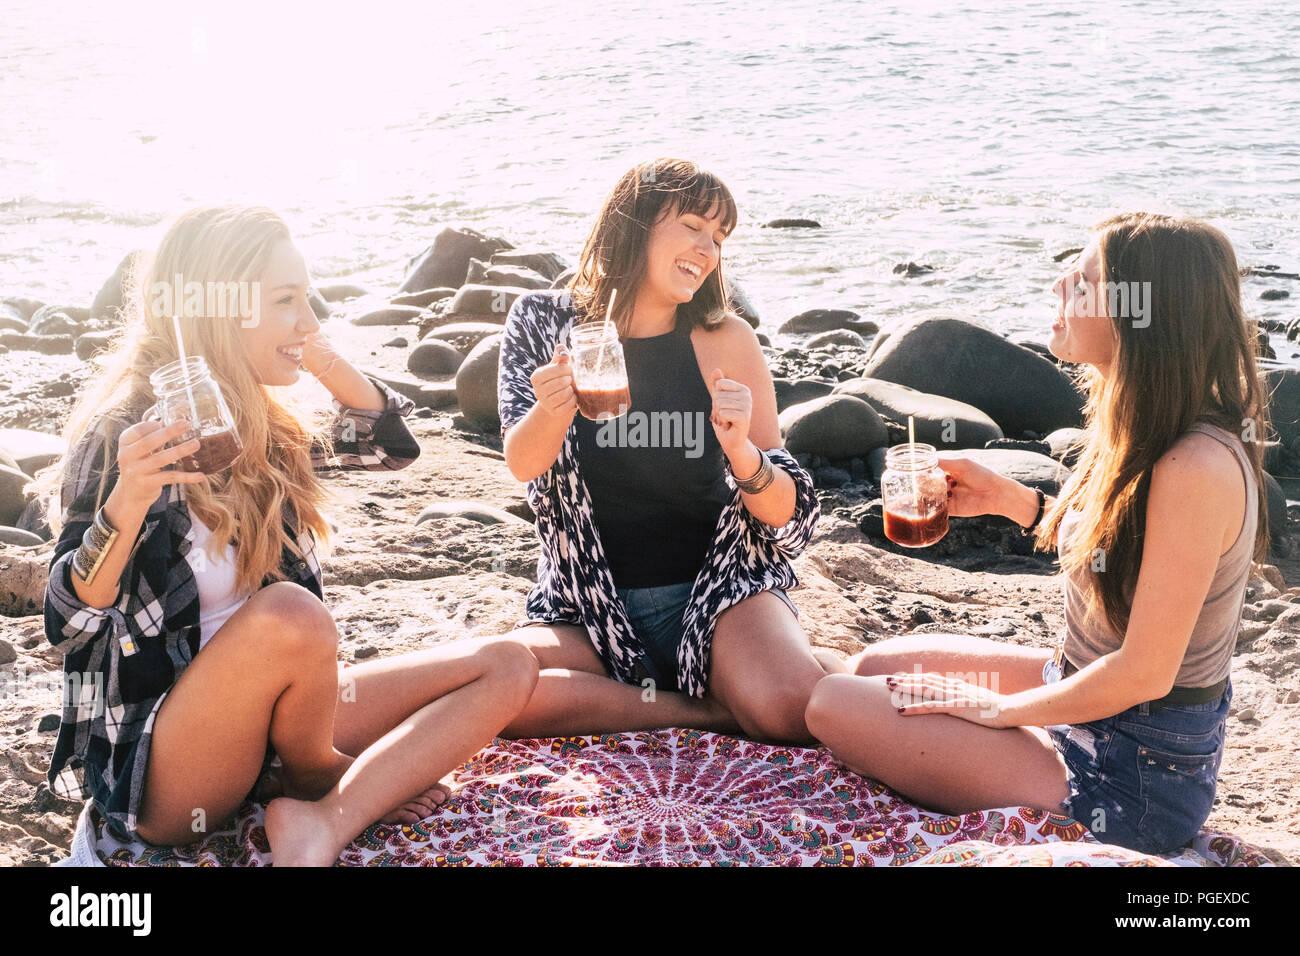 Gruppe von Frauen Freunde sitzen und genießen die Freizeit Aktivität während der Sommerferien am Strand in der Nähe des Meeres. lächelt und fröhliche Menschen ha Stockbild